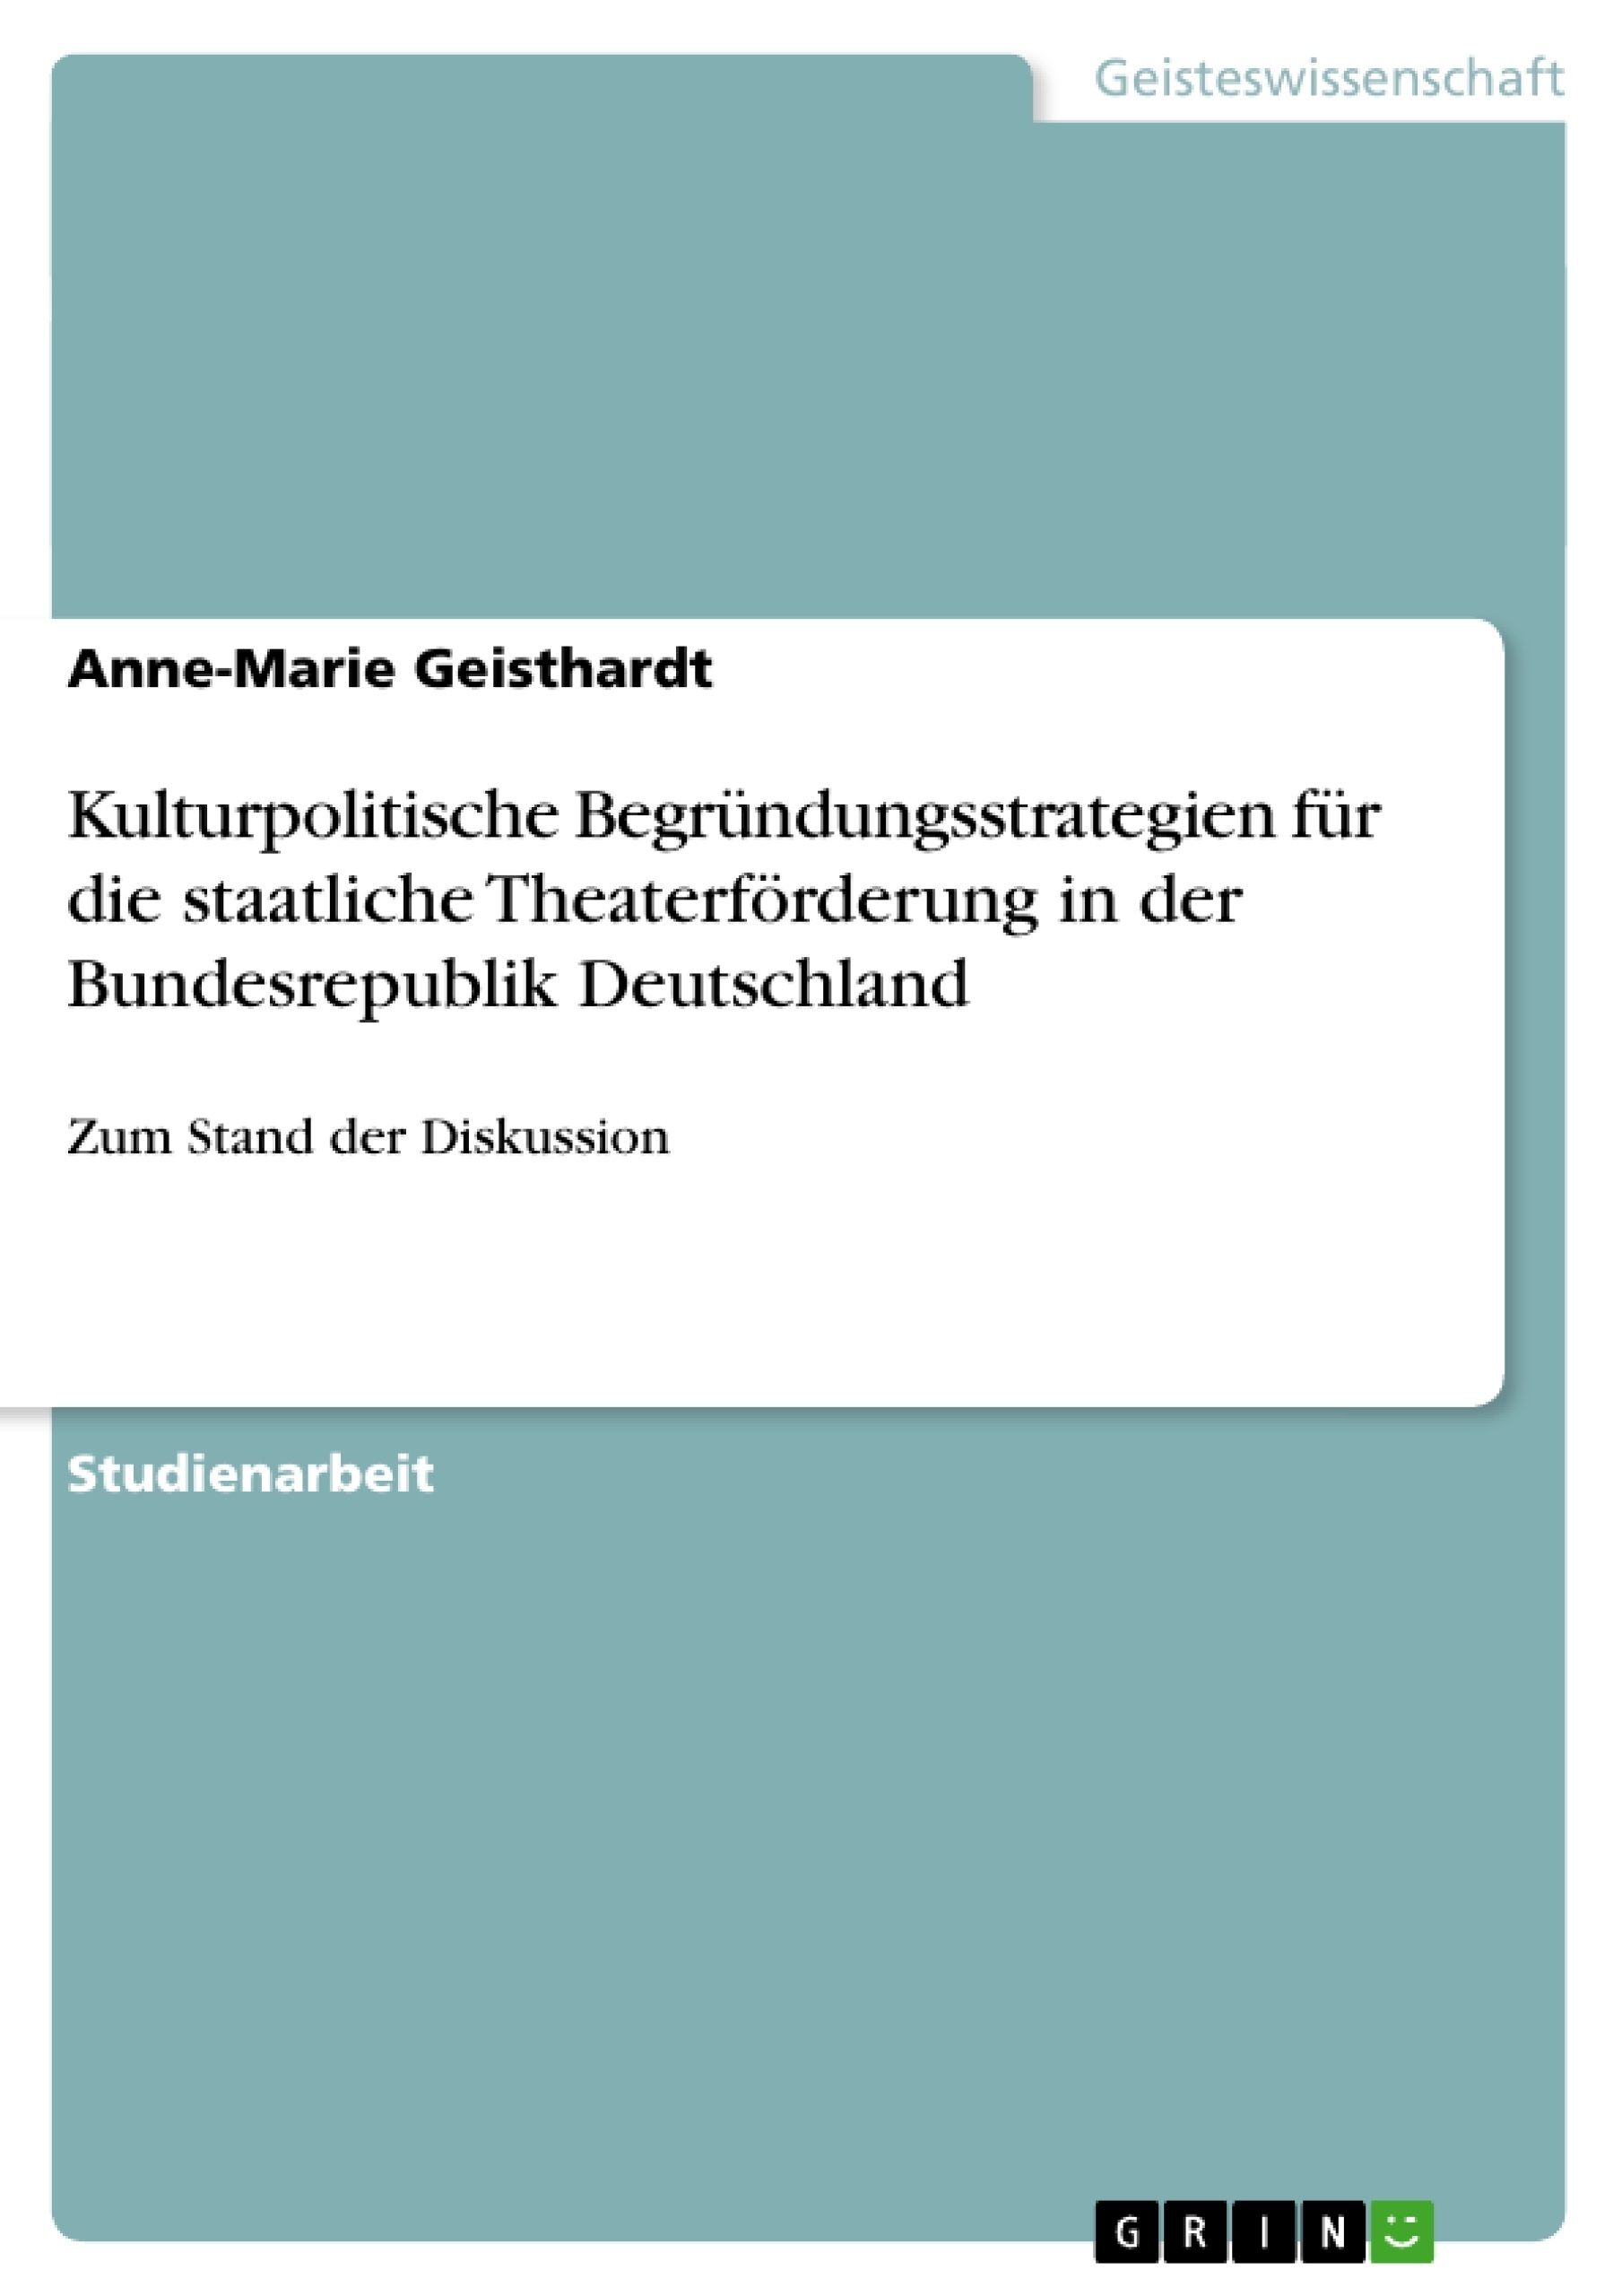 Titel: Kulturpolitische Begründungsstrategien für die staatliche Theaterförderung in der Bundesrepublik Deutschland